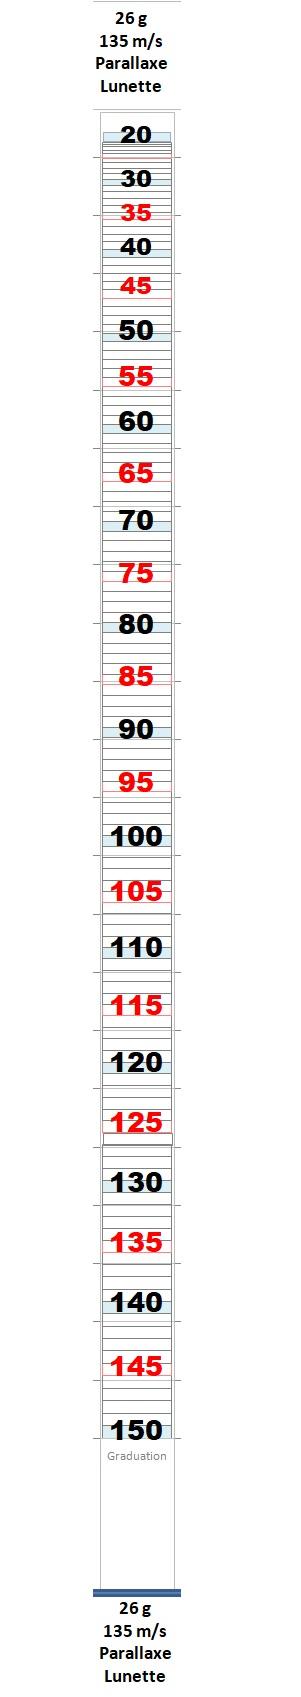 Optimisation Traits et Programme Balistique - Page 5 Sticke19